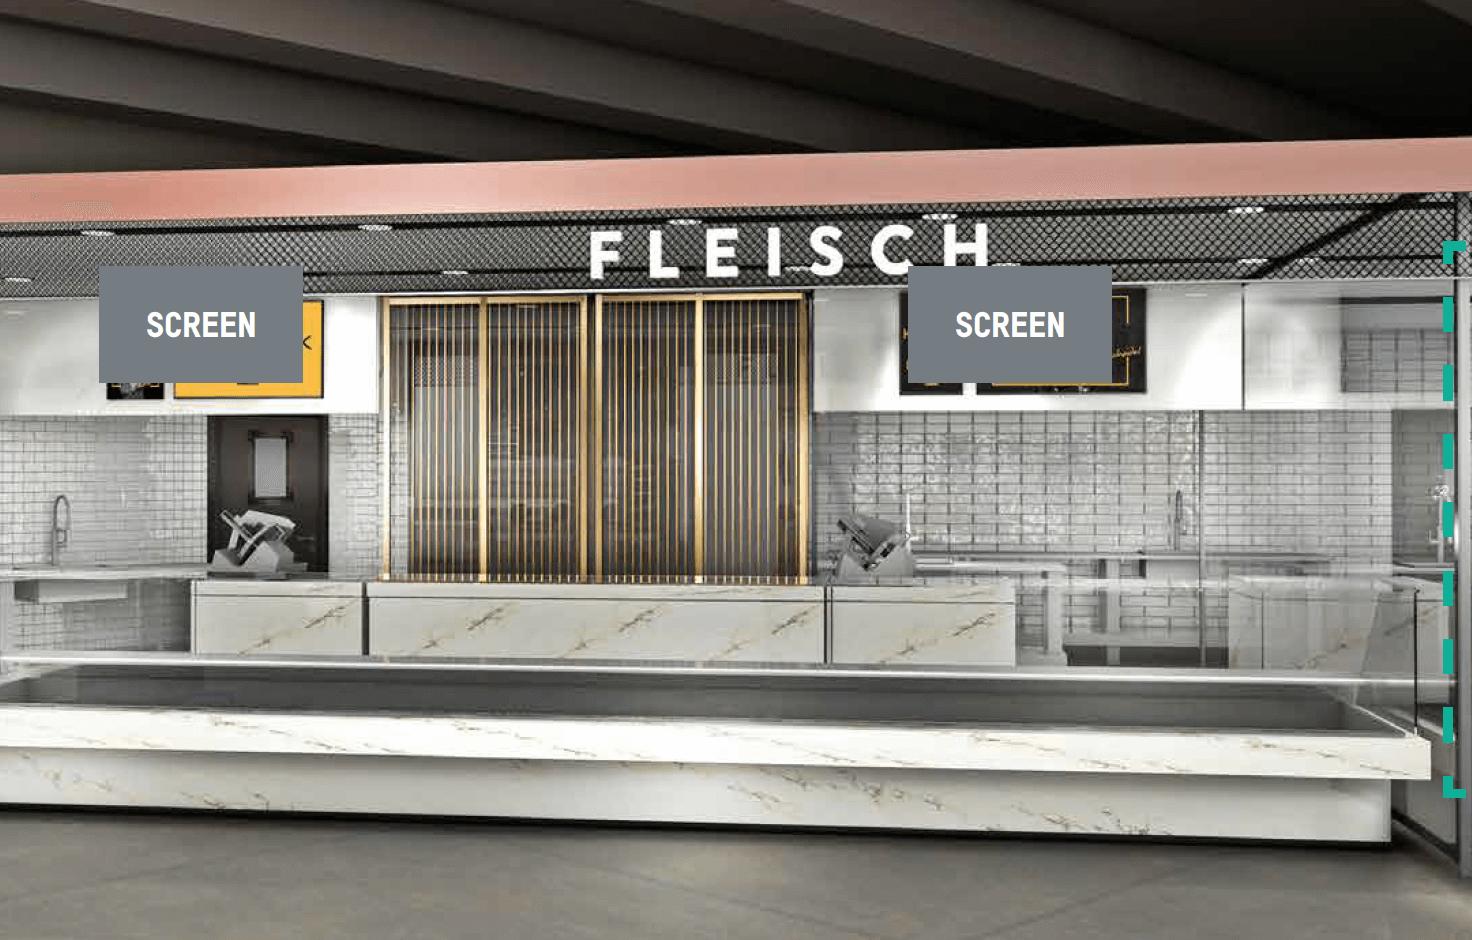 crown-fleischtheke-eroeffnung-maerz-2018.png